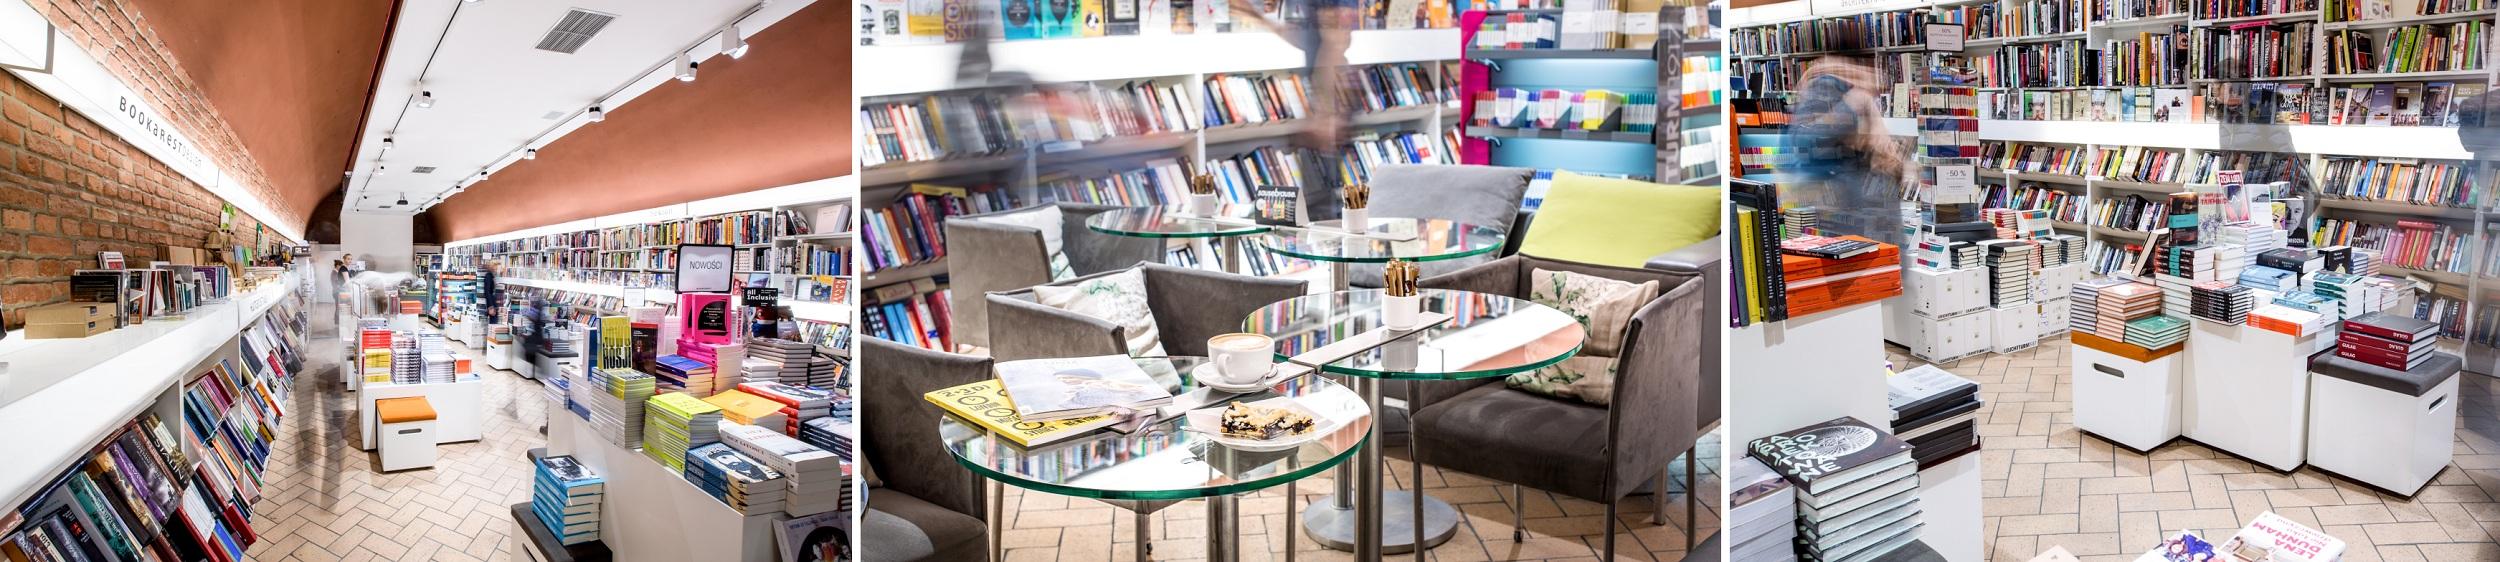 Księgarnia i kawiarnia Bookarest, znajduje się w poznańskim Starym Browarze (fot. materiały prasowe)